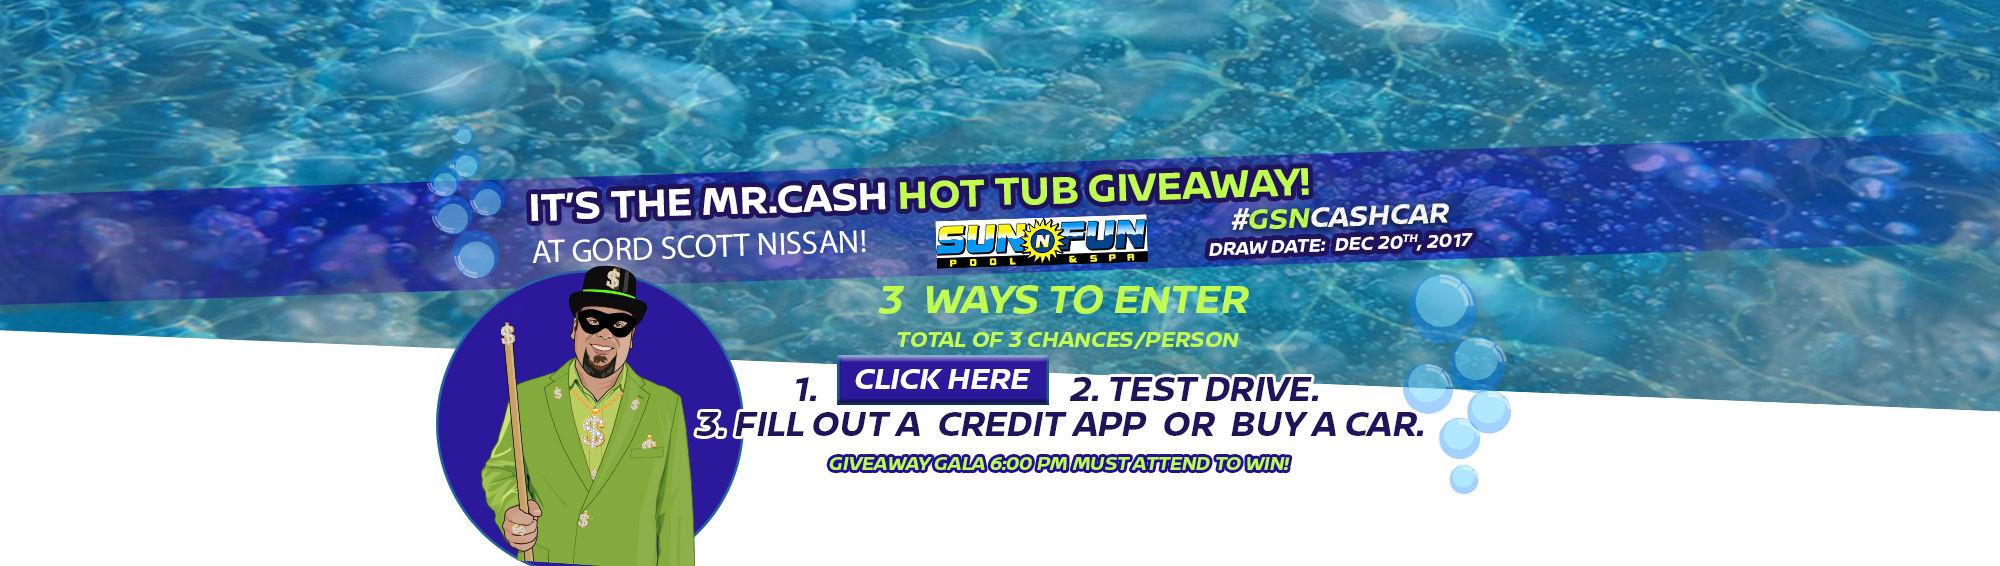 Mr. Cash Hot Tub Giveaway! (Desktop)